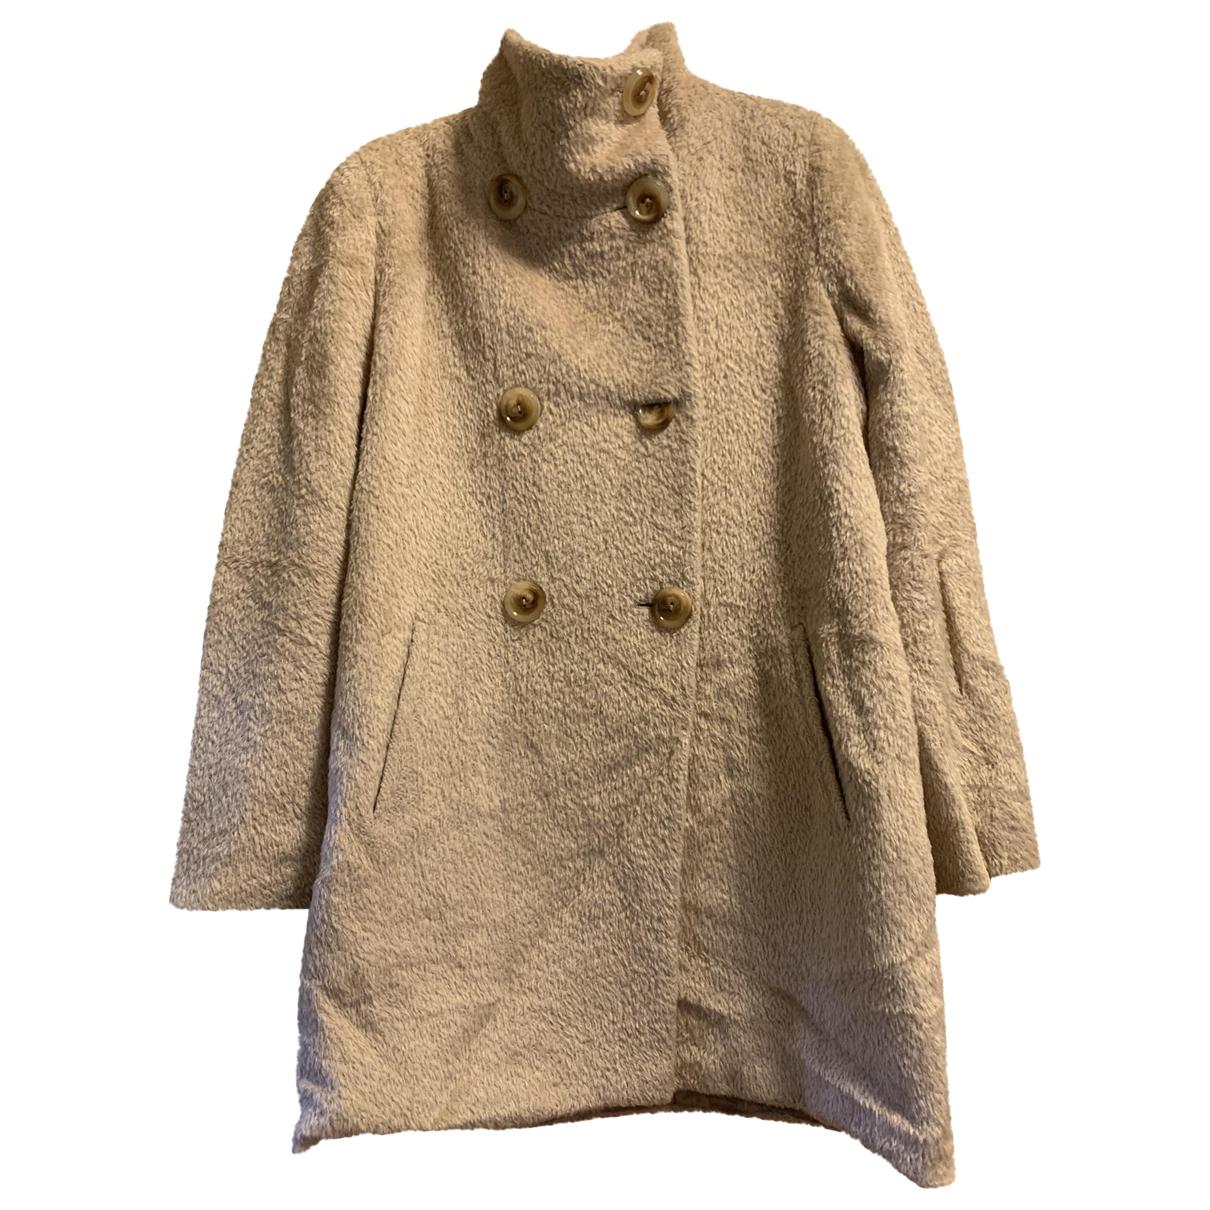 Max Mara Studio \N Ecru coat for Women 12 UK